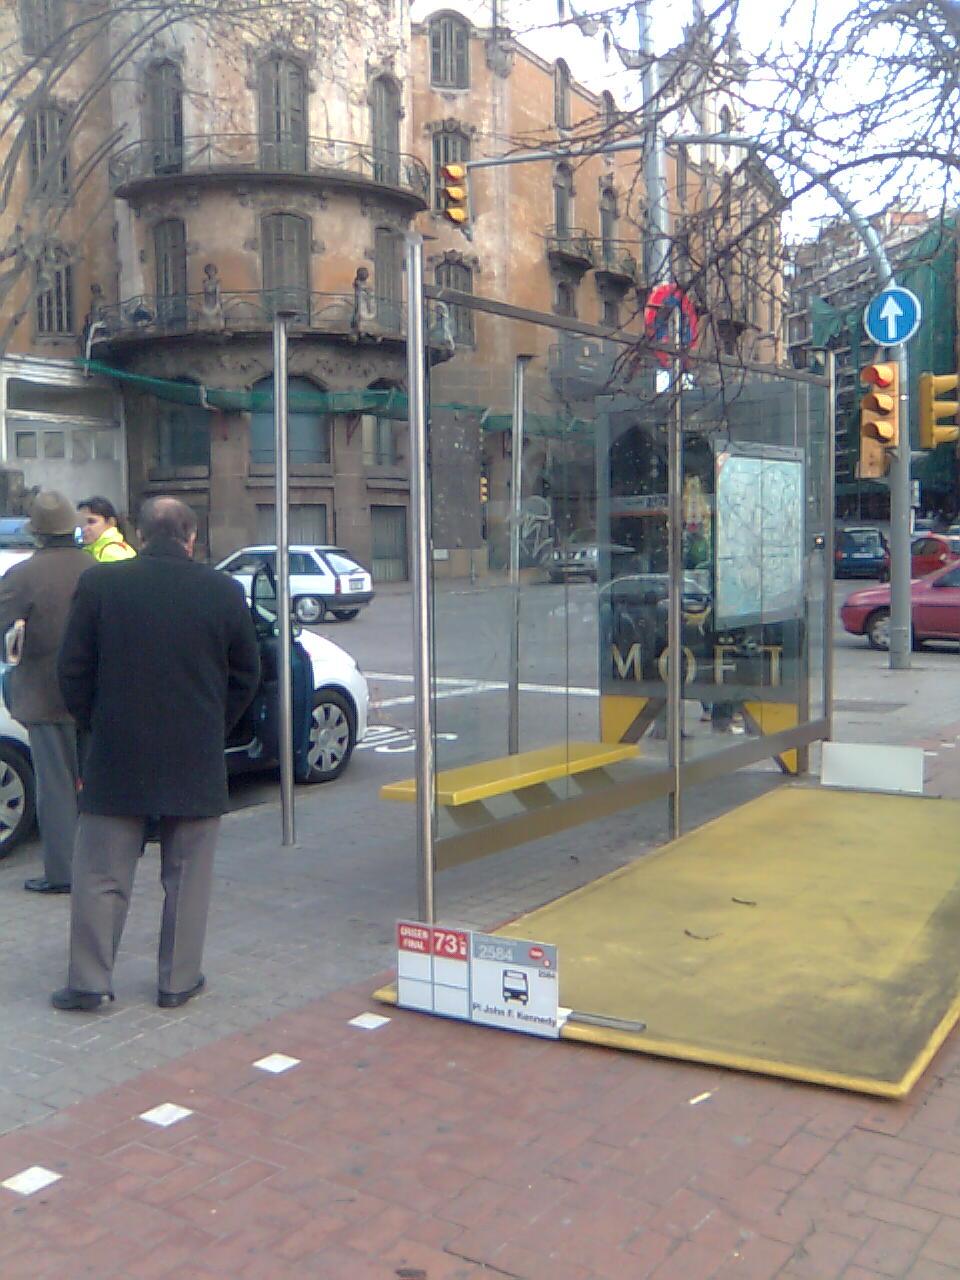 Parada d'autobús i el sostre corresponent a la pl. Kennedy